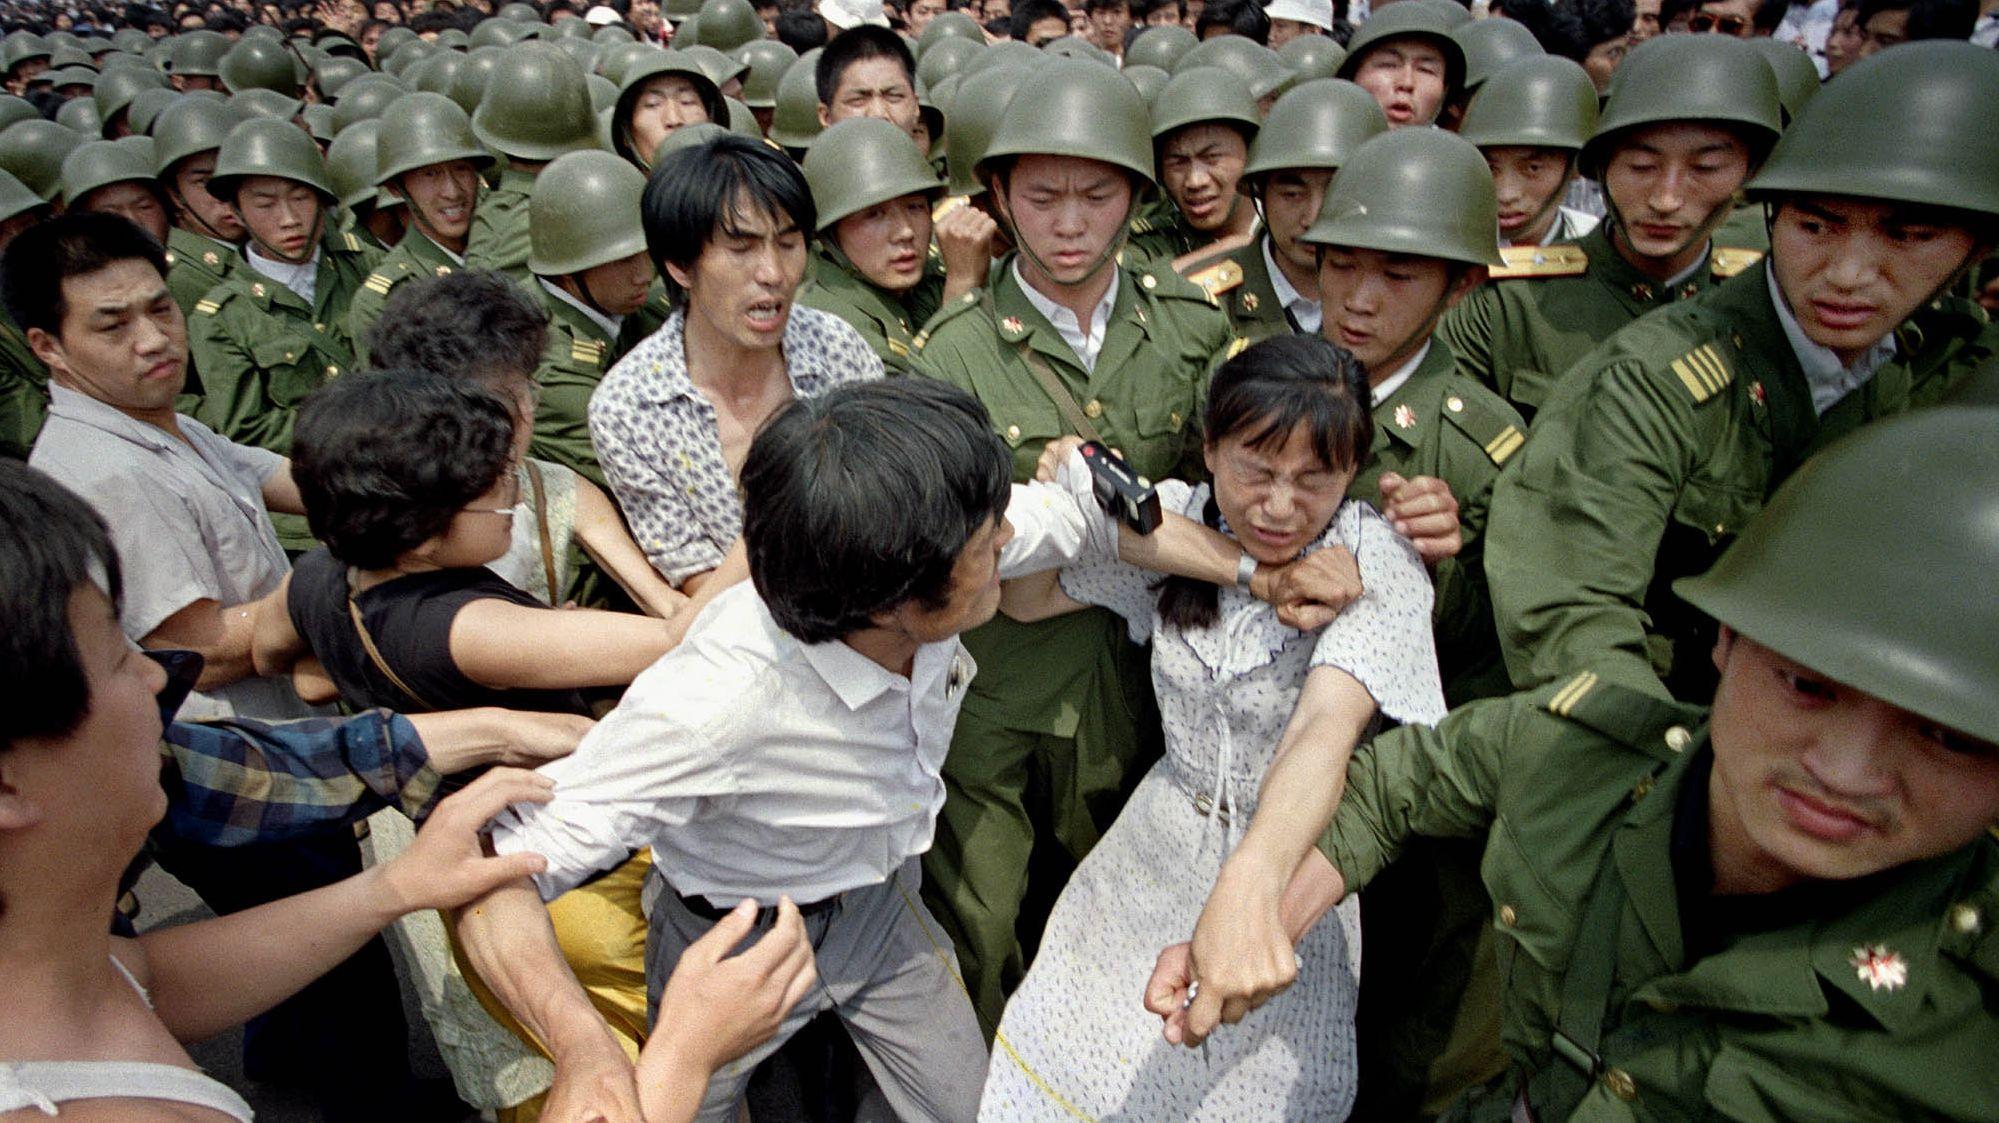 Zivilisten treffen am Tag (3.6.1989) vor dem Massaker auf Soldaten am Tiananmen, dem Platz des Himmlischen Friedens.